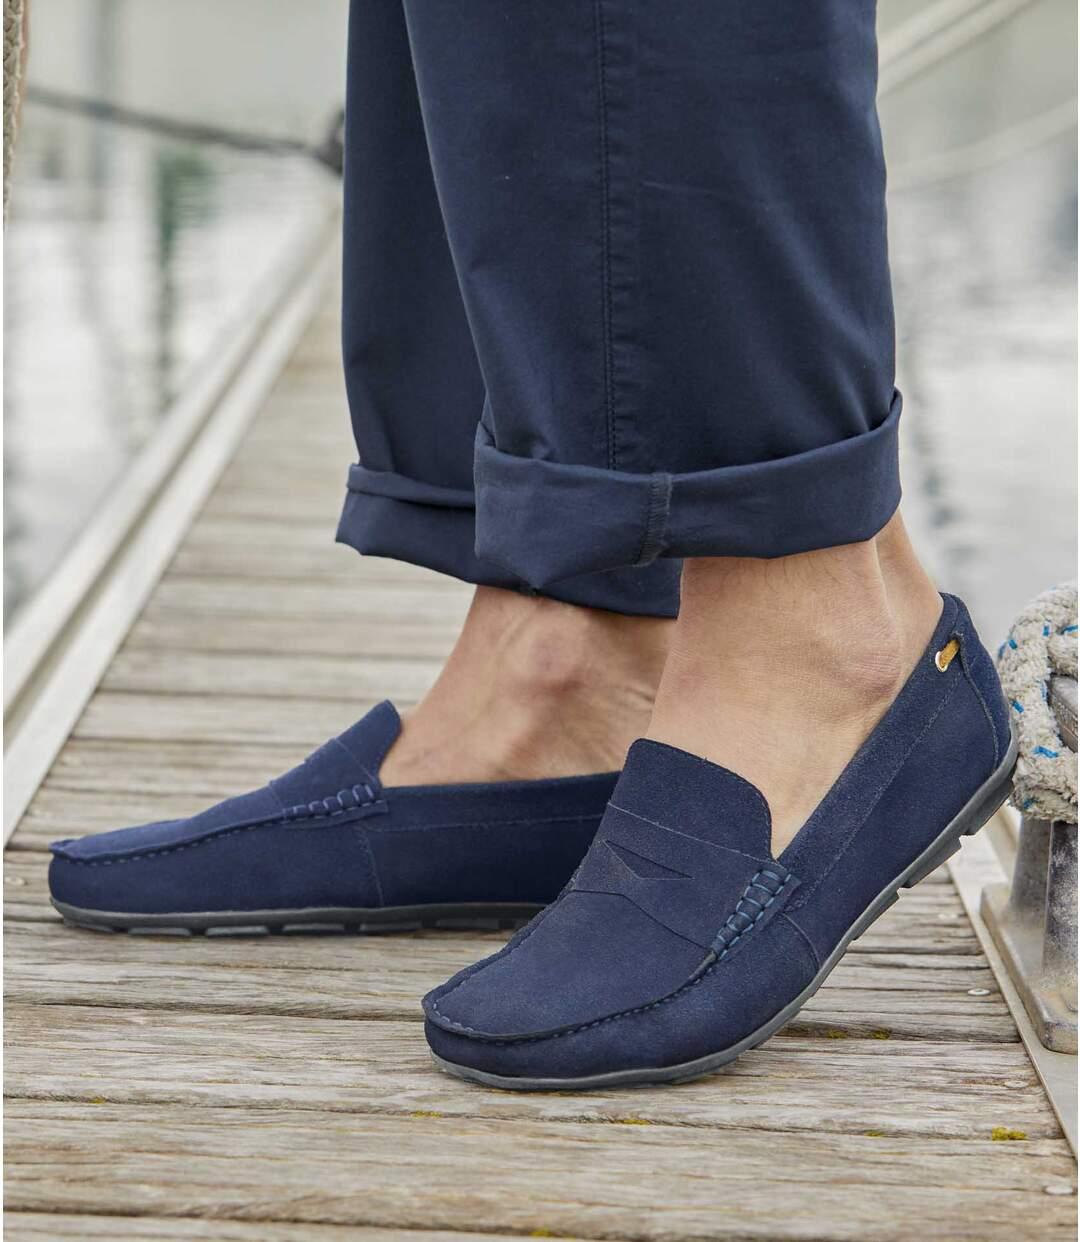 Sommer-Mokassins im Boots-Look Atlas For Men